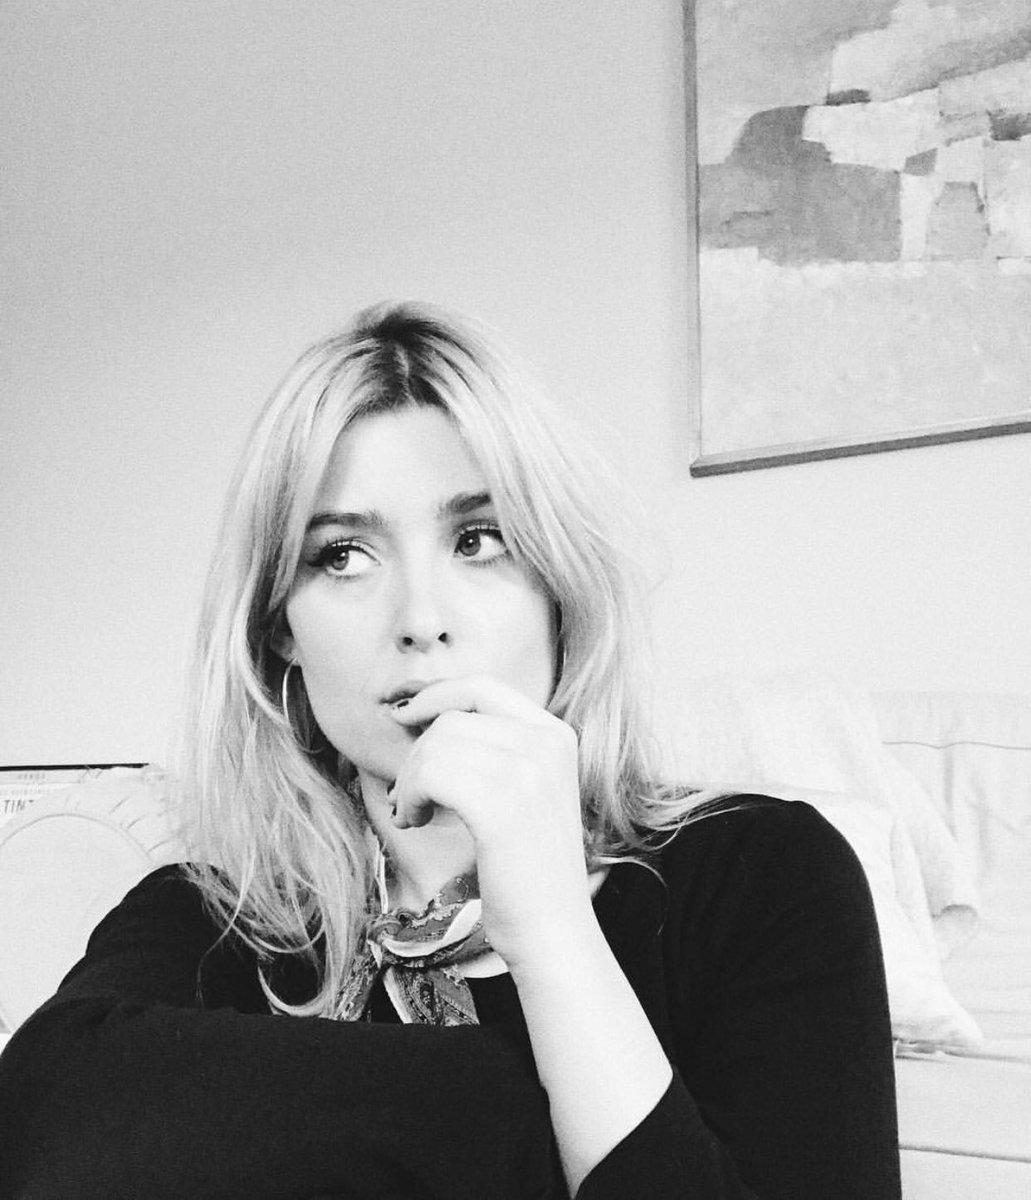 blonde 🕊 https://t.co/w0hNJbAZPT